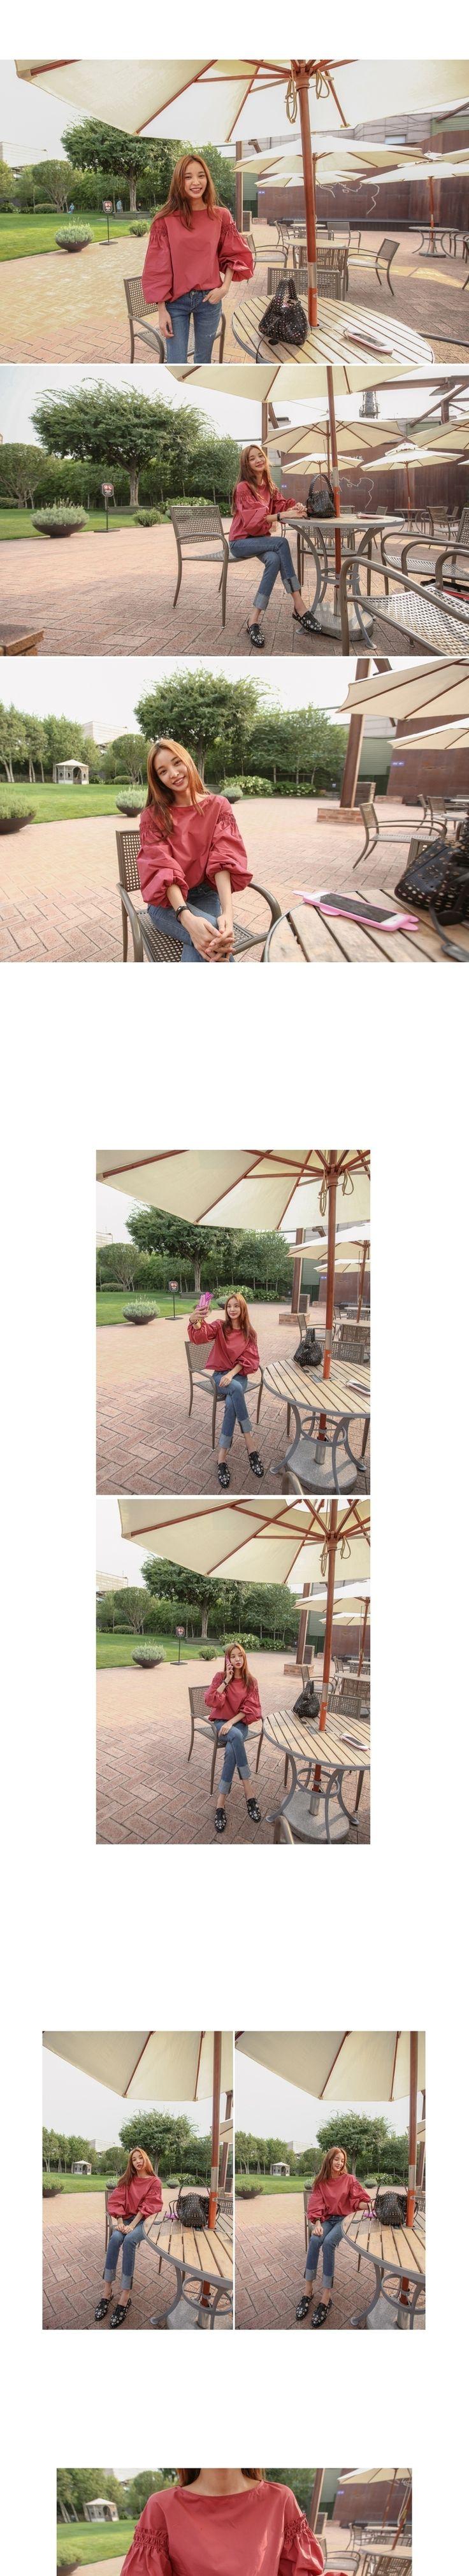 Осень Старинные Милые Женщины Рубашки Фонарь Свободные Полный Рукав Мода 5788 Блузка Рубашка Бордо Красный 3417купить в магазине No.1 Fashion Trading Co., Ltd.наAliExpress